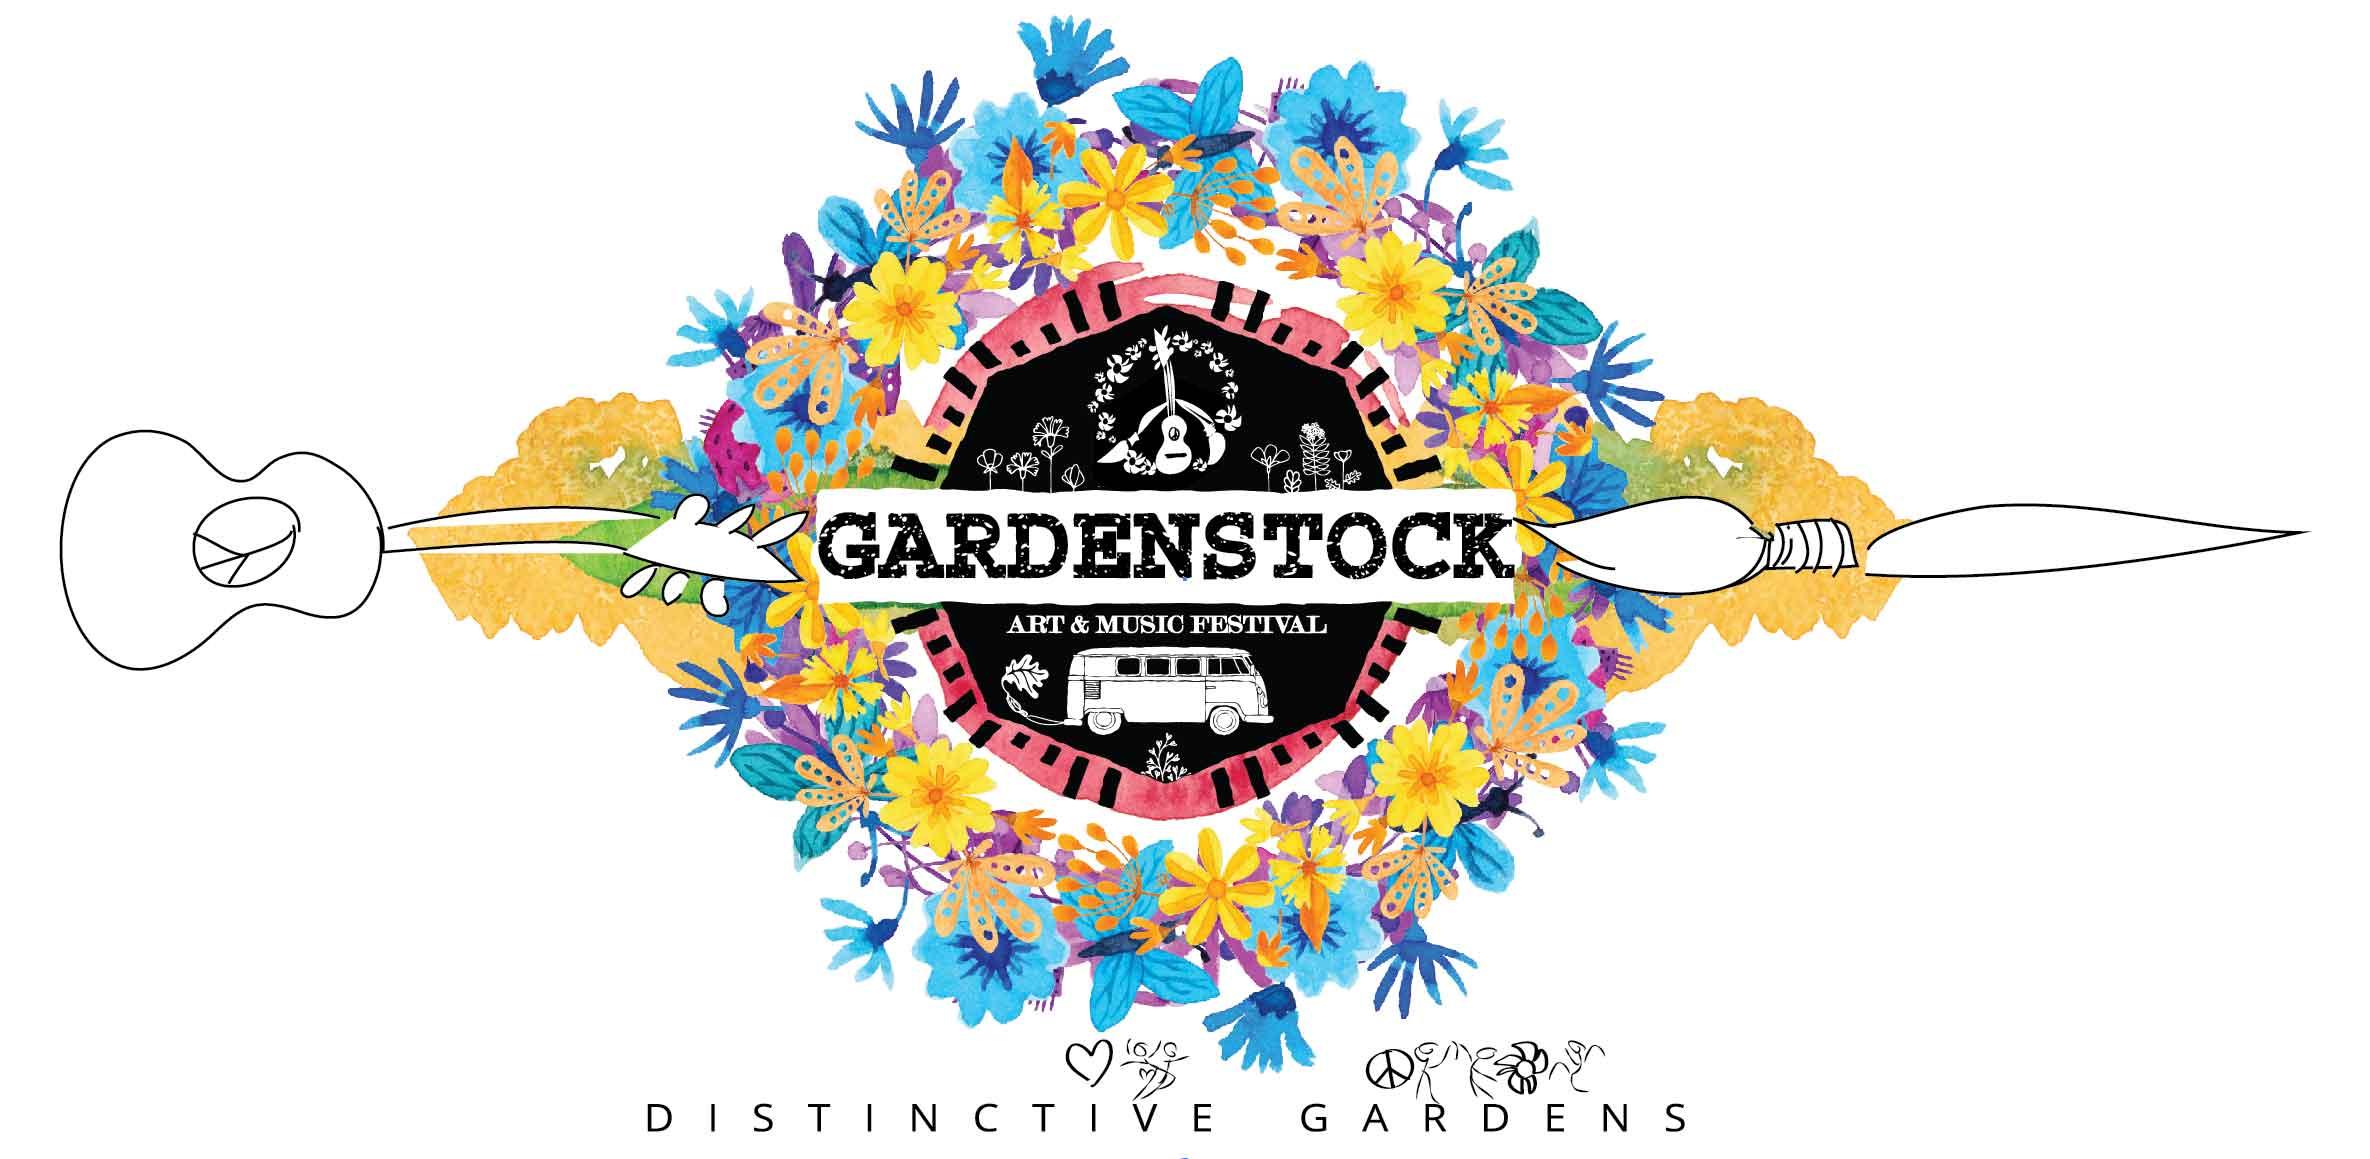 2018 Gardenstock Art & Music Festival News!